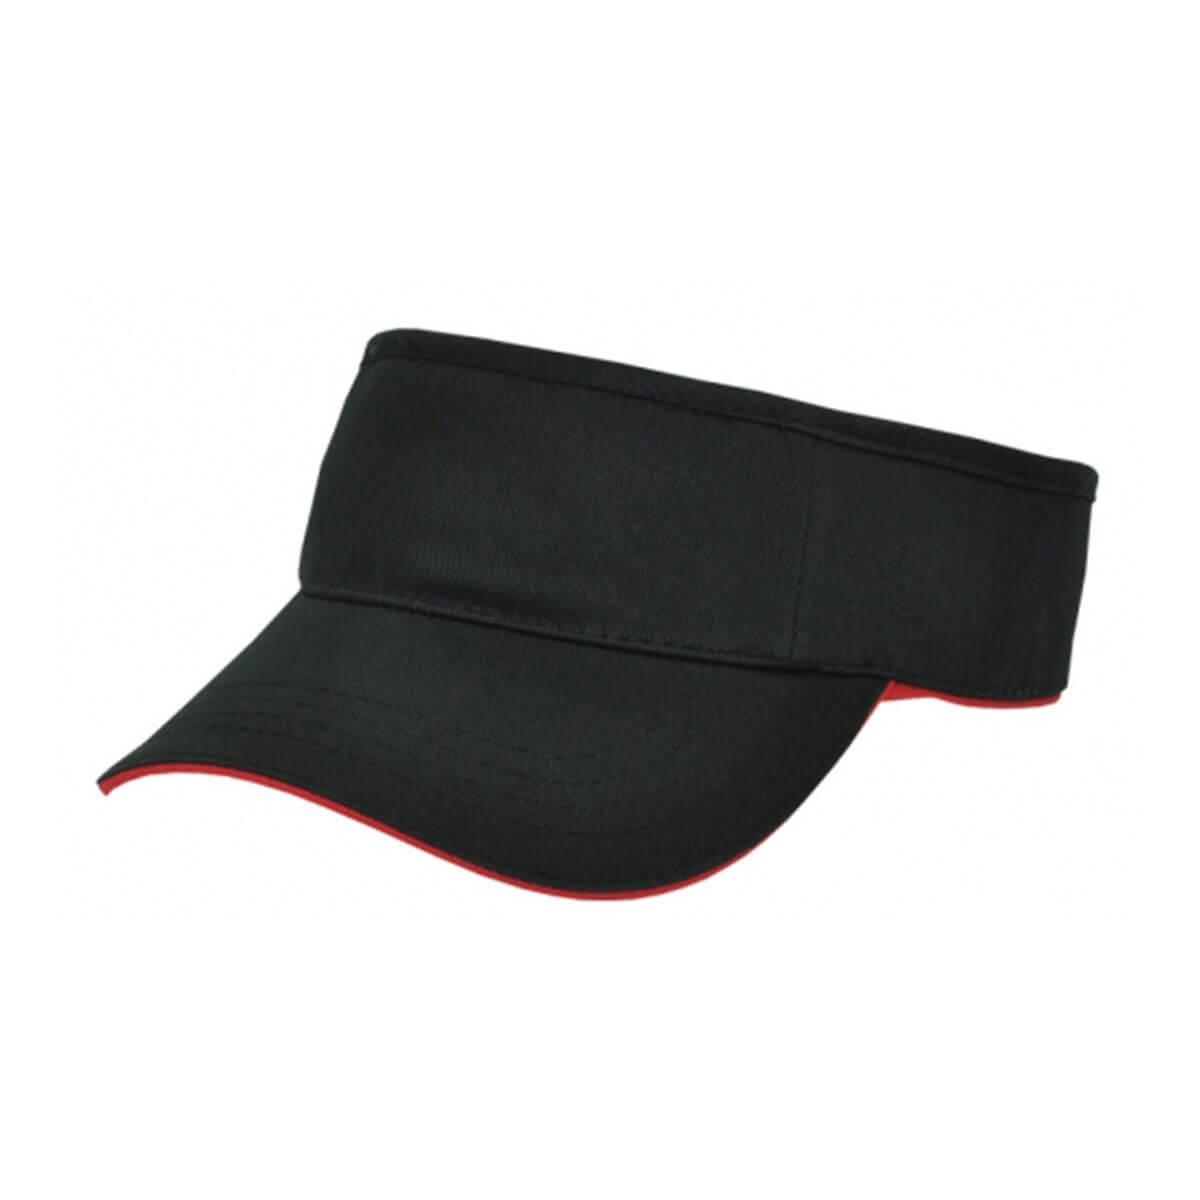 Visor-Black / Red